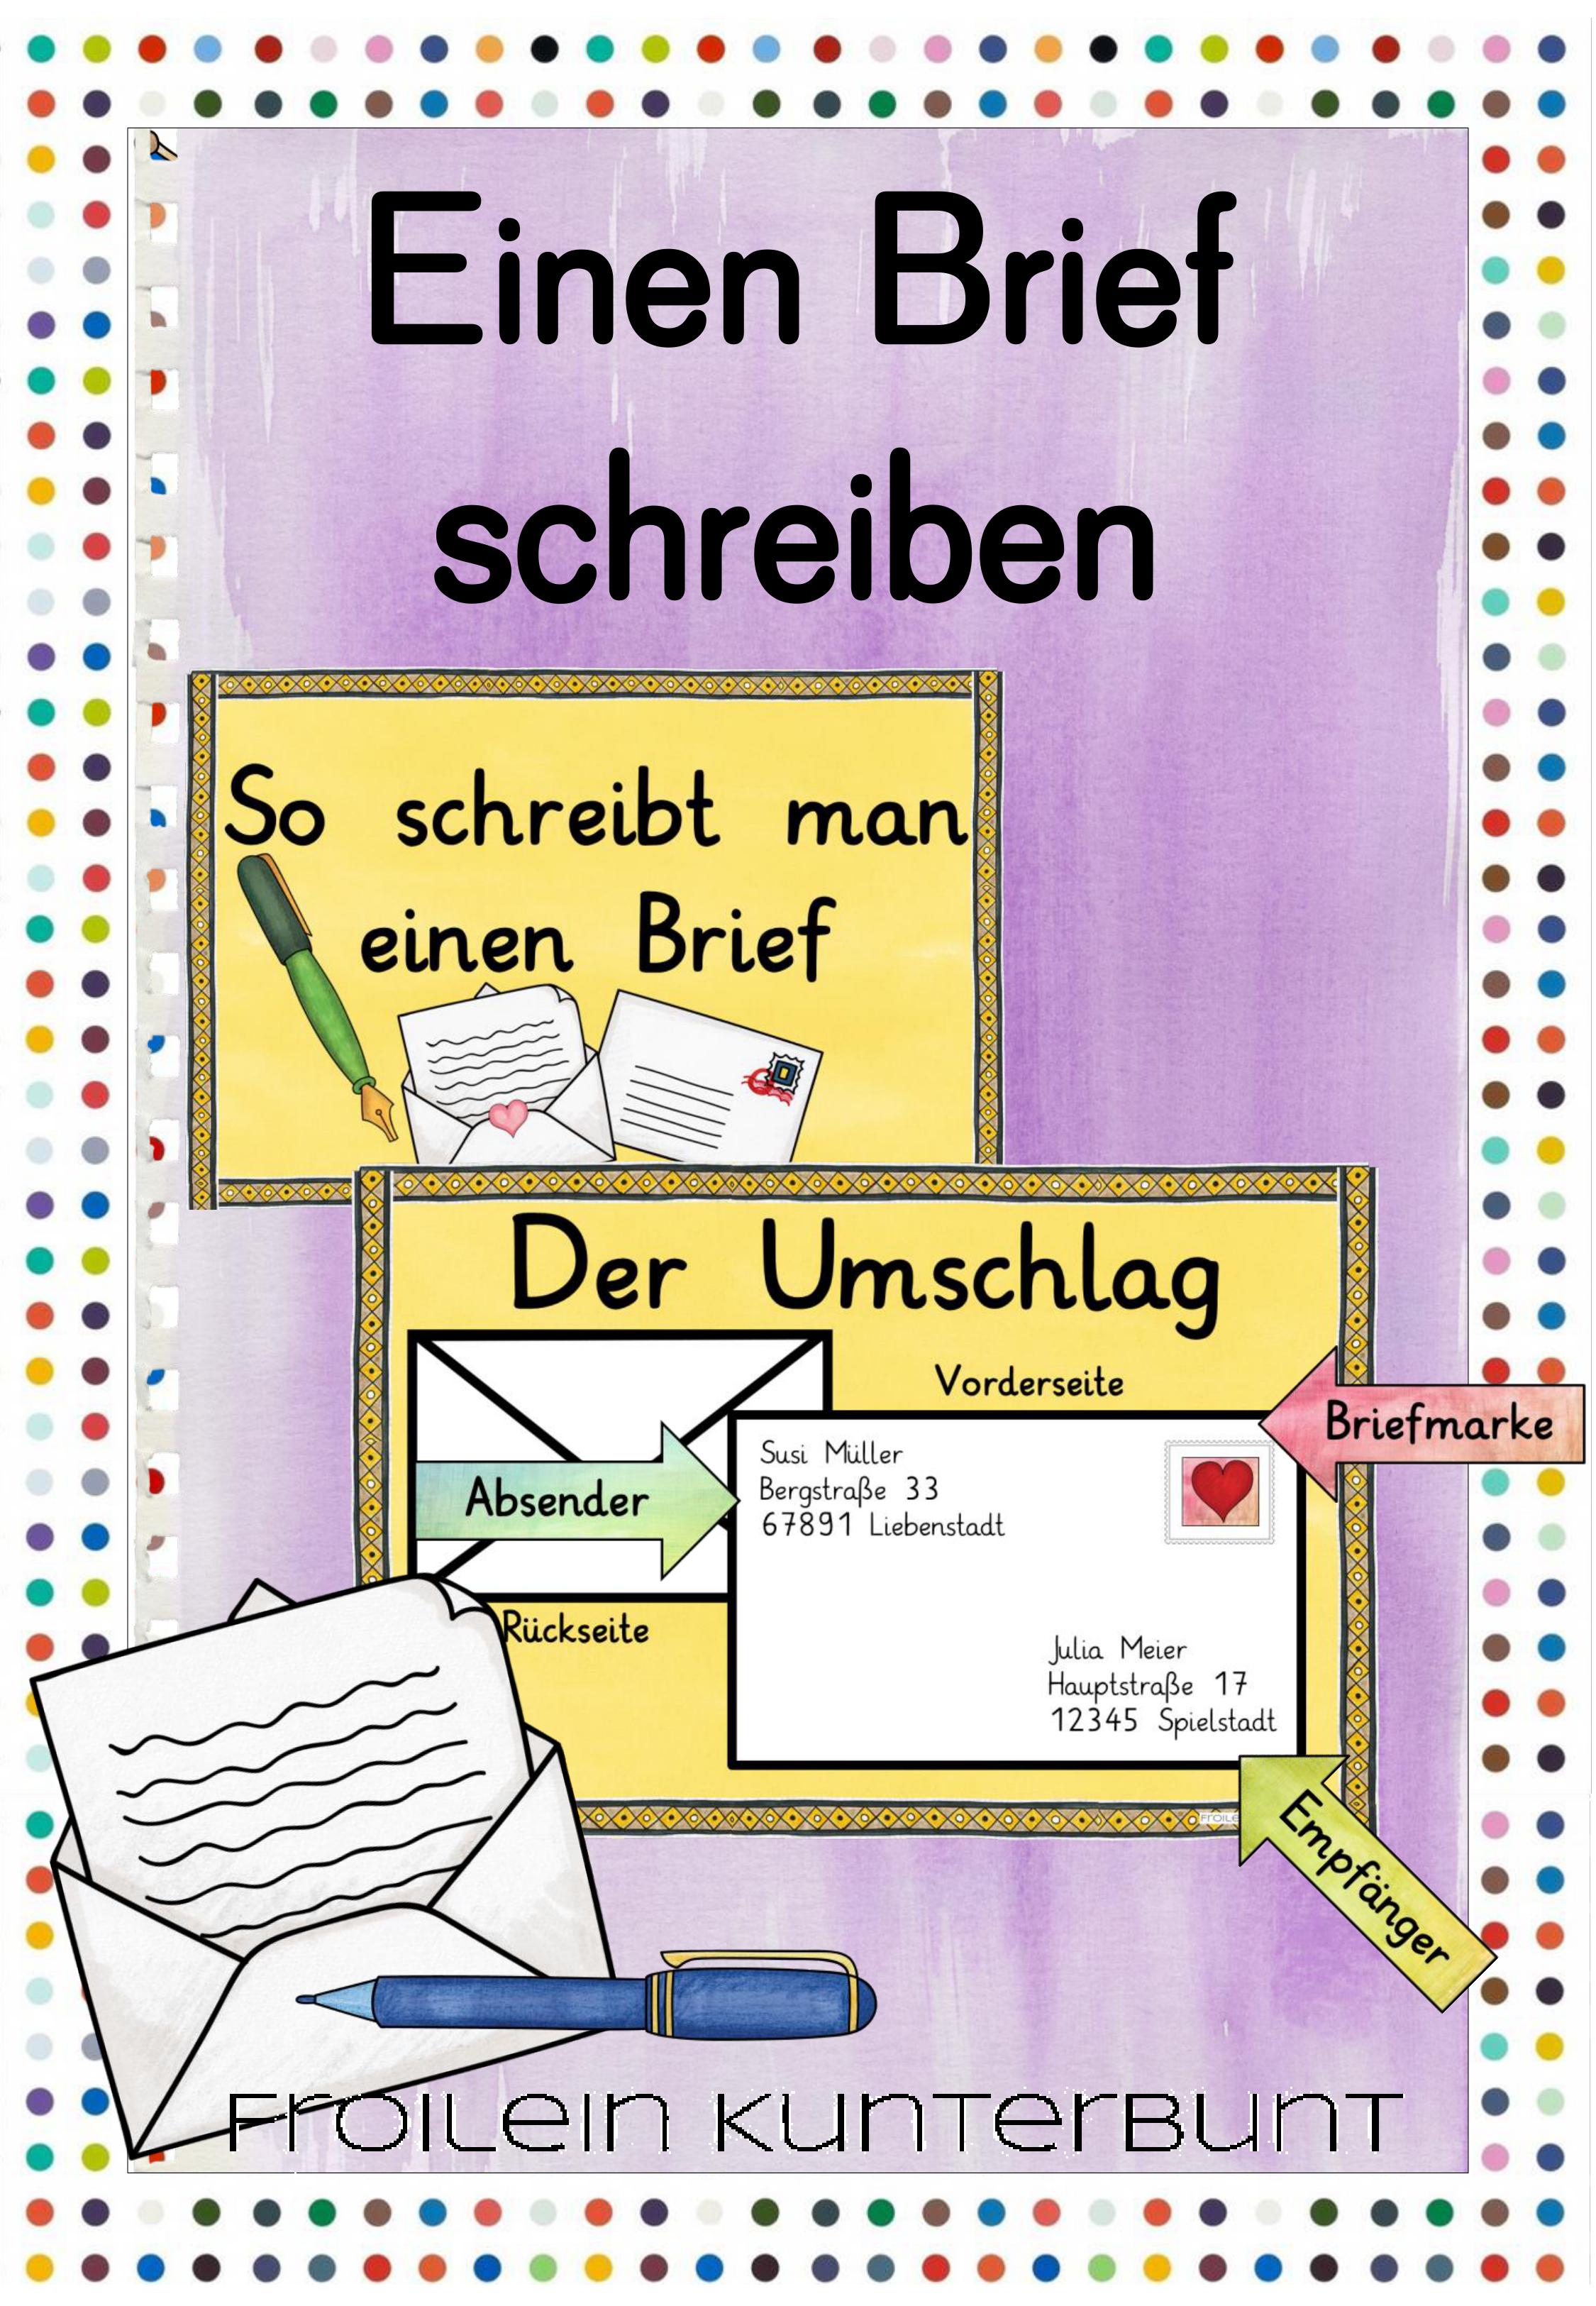 Materialpaket Briefe Schreiben Lmpkracher2020 Unterrichtsmaterial Im Fach Deutsch Briefe Schreiben Postkarte Schreiben Brief Schreiben Grundschule